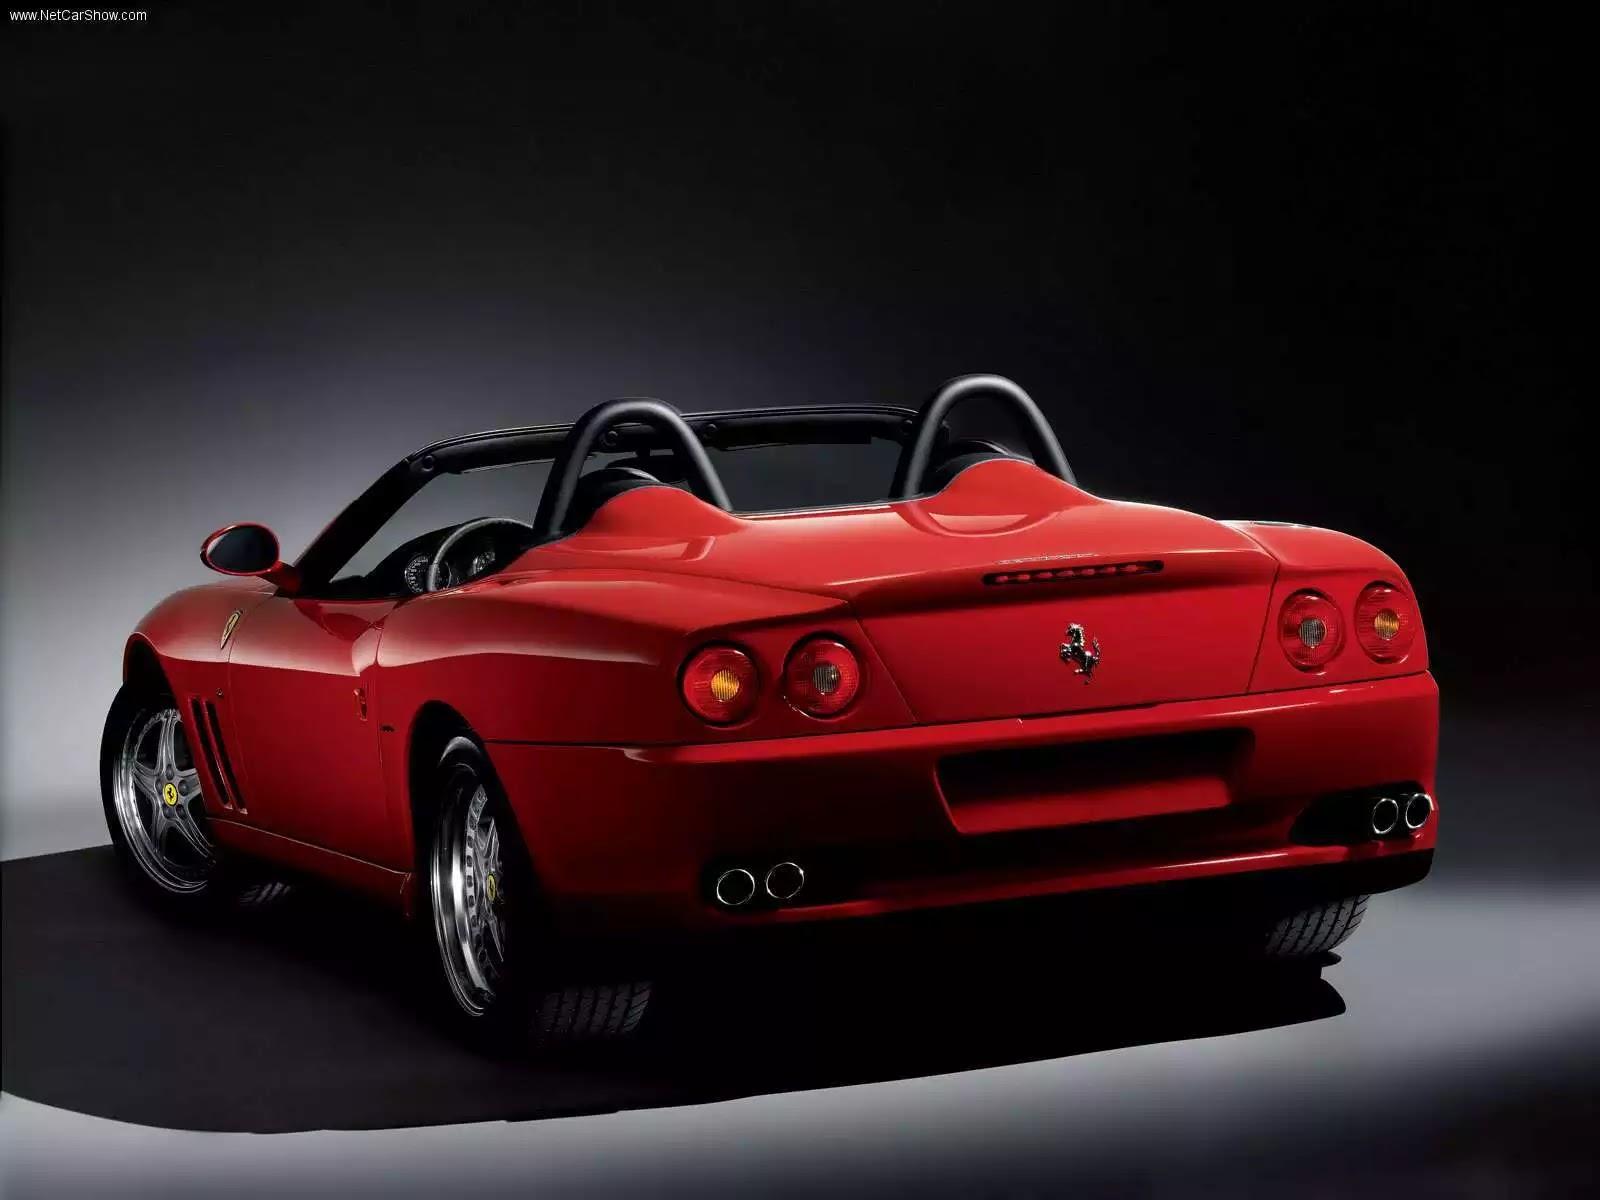 Hình ảnh siêu xe Ferrari 550 Barchetta Pininfarina 2001 & nội ngoại thất